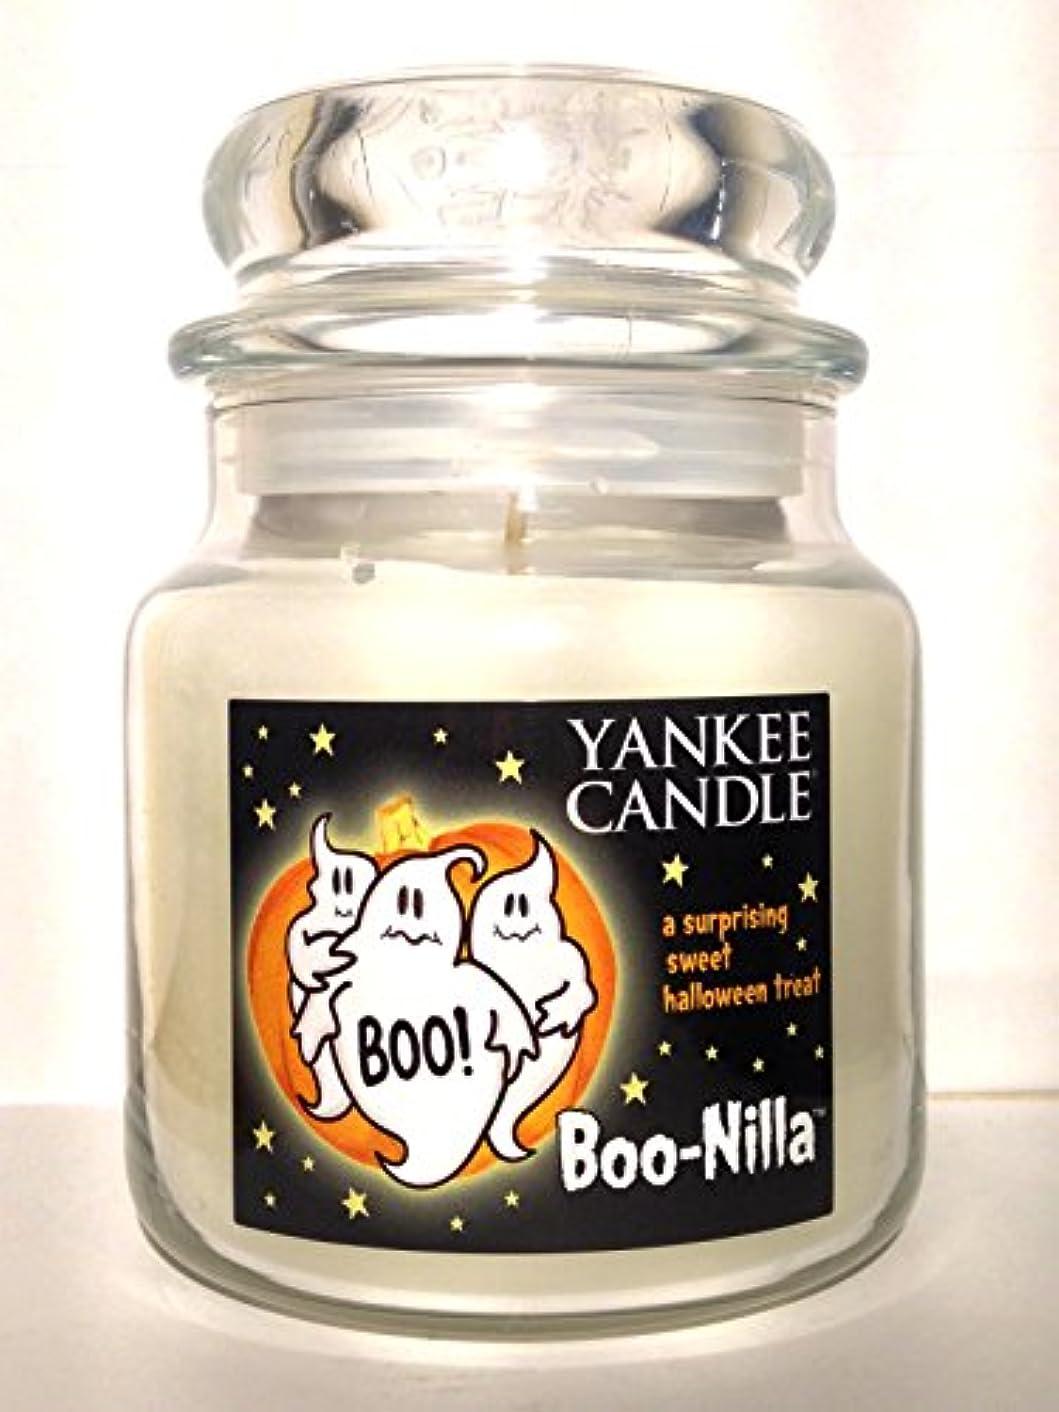 許す除去哺乳類Yankee Candle boo-nilla Boonilla Vanilla Marshmallow香りHalloween Candle